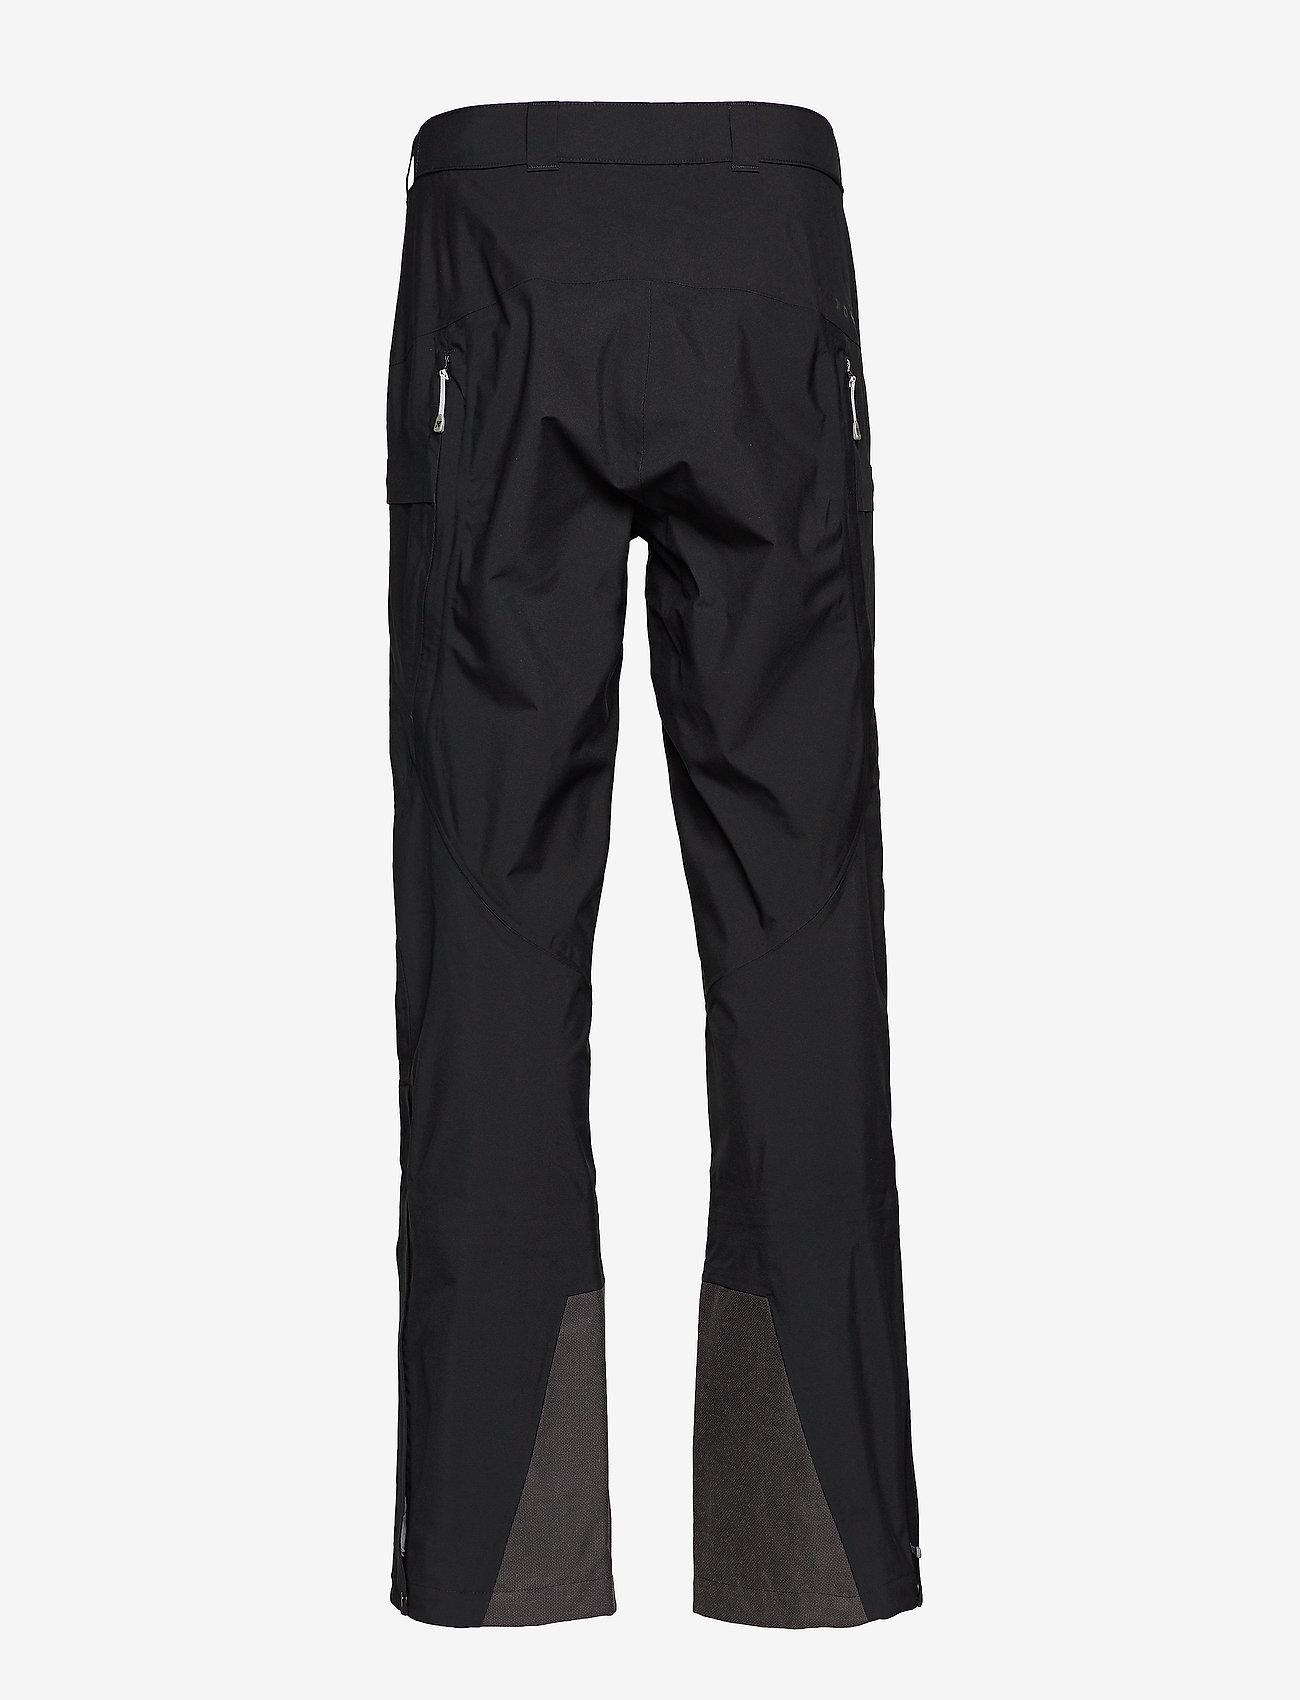 Houdini M's Angular Pant - Bukser TRUE BLACK - Menn Klær